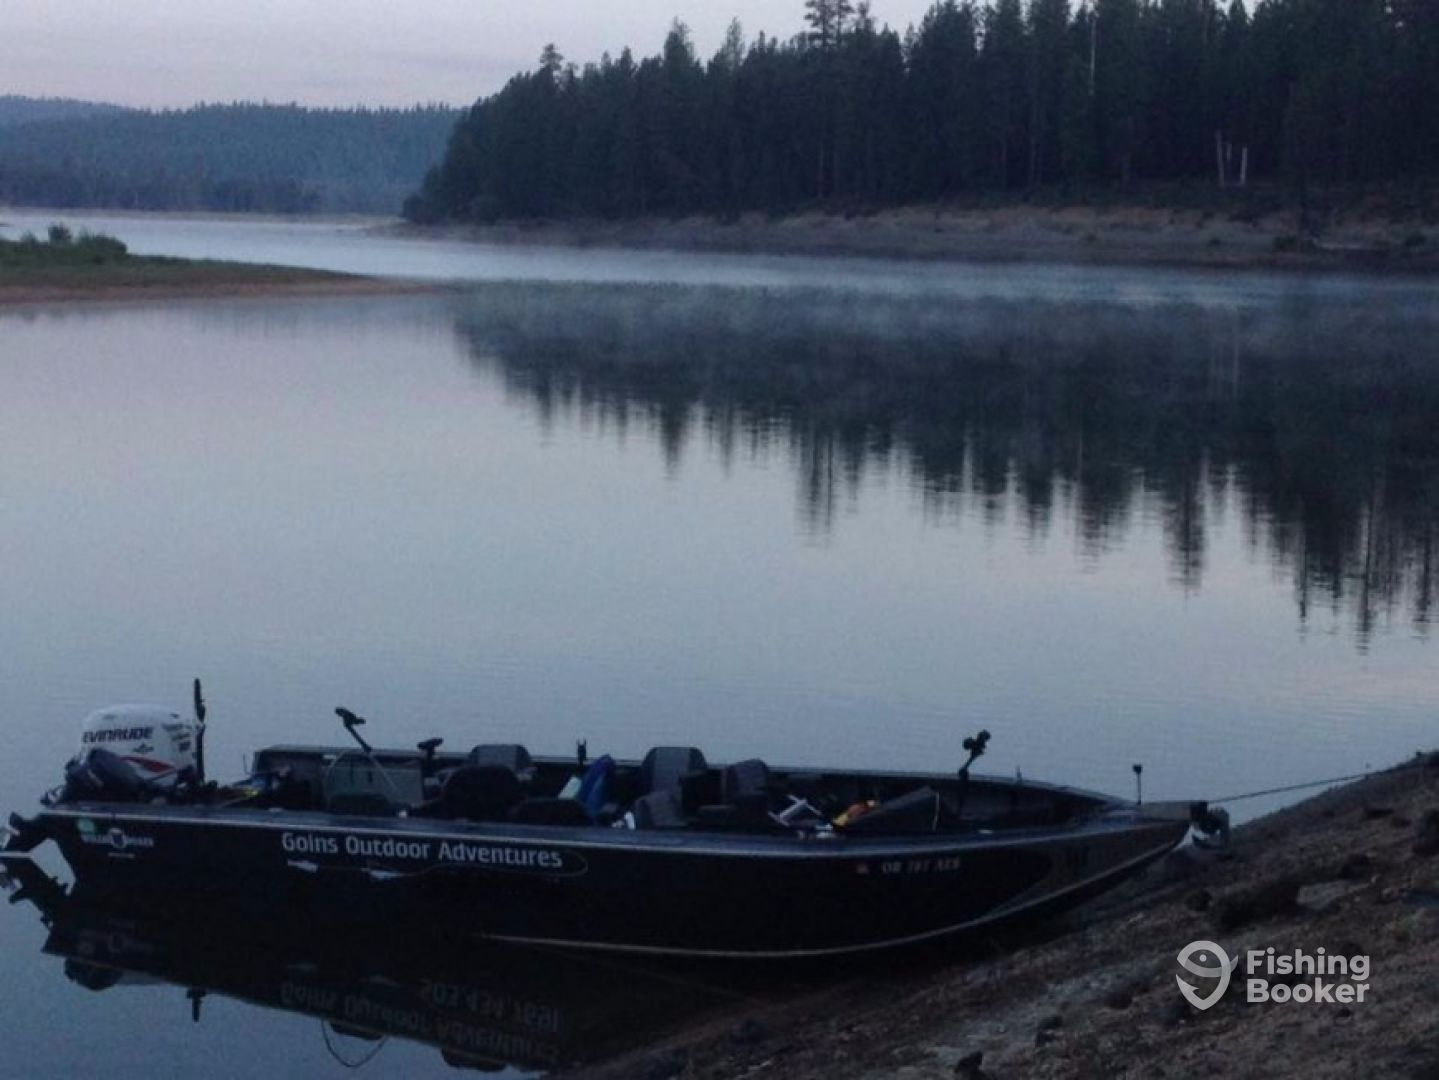 Goins Outdoor Adventures Power Boat Goins Outdoor